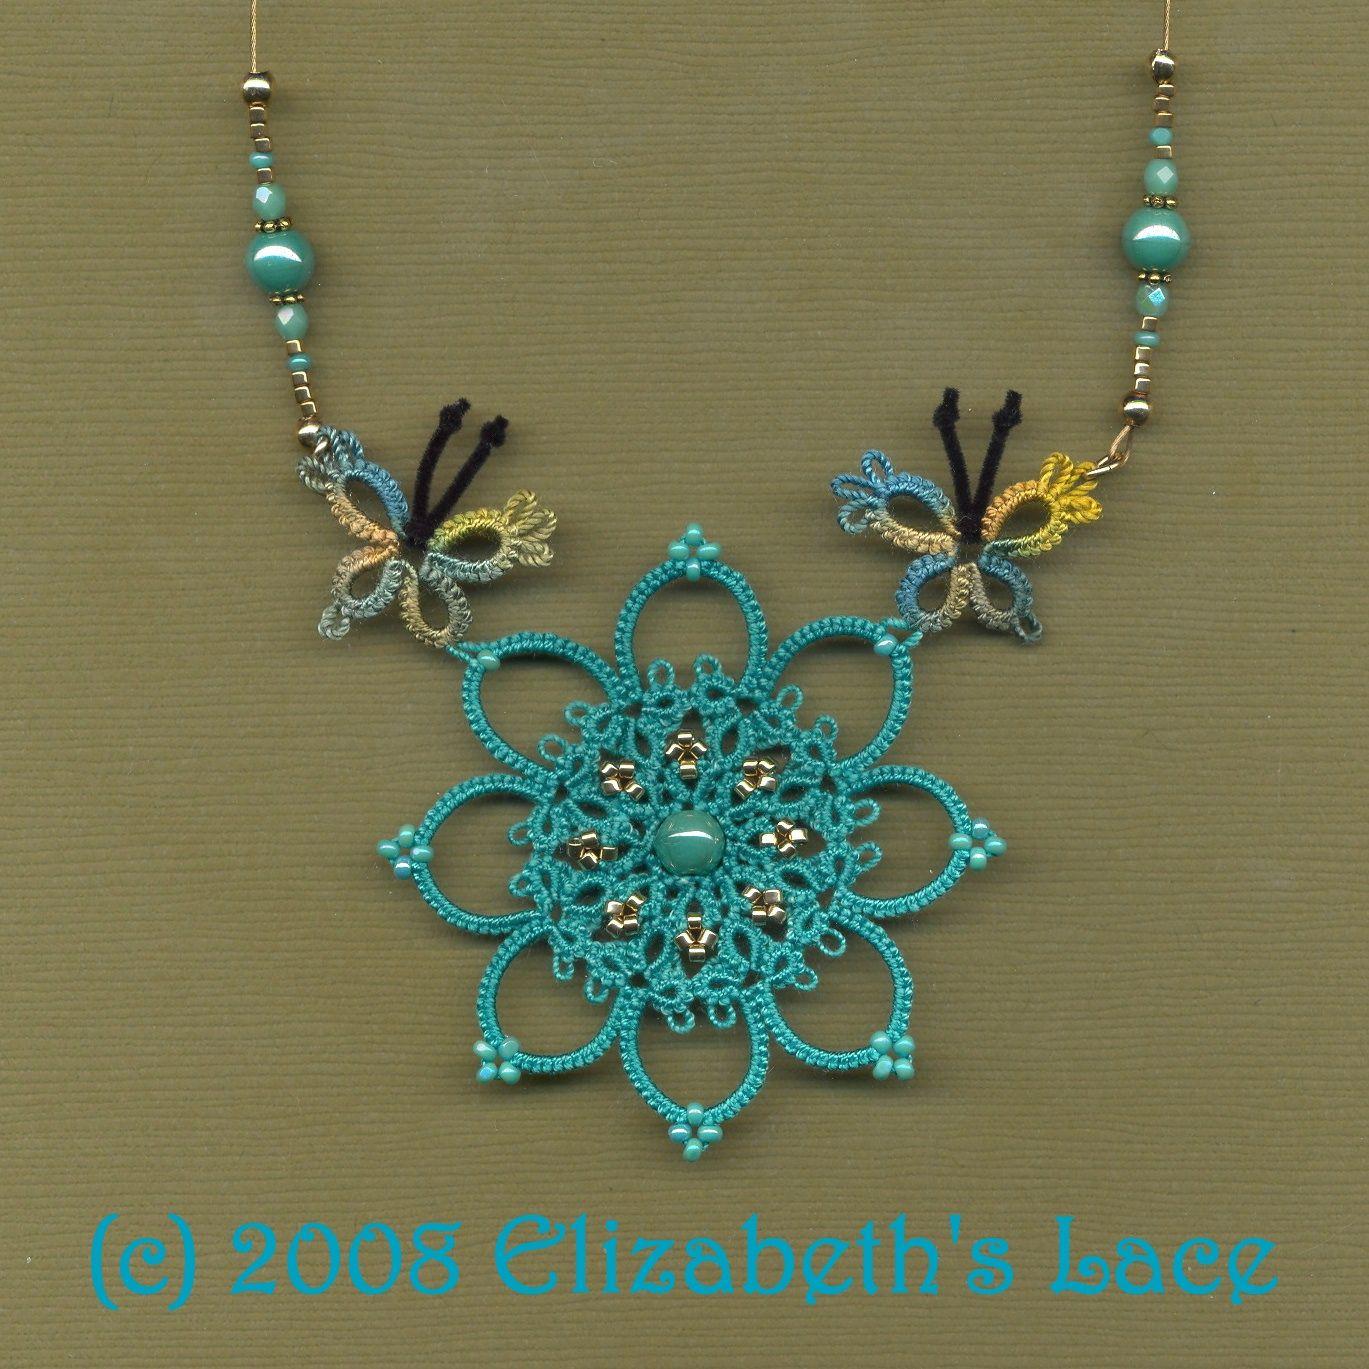 Elizabeth's Lace: Motif Twenty-Three